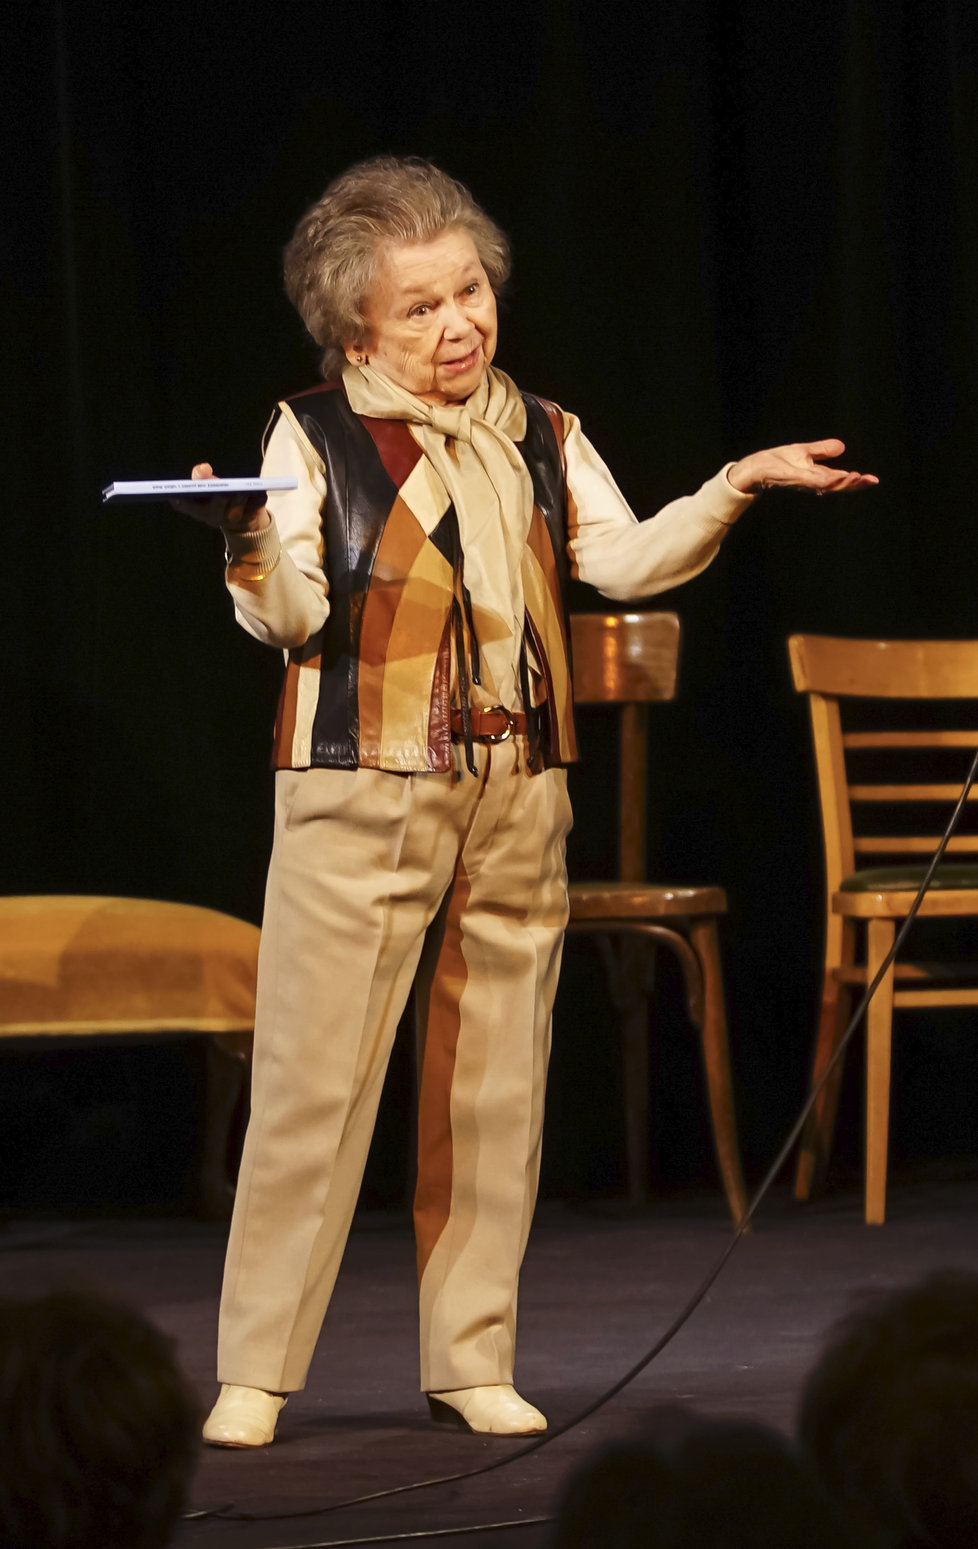 Poslední foto: Před necelými dvěma týdny byla Aťka ještě plná energie. S Janem Přeučilem (82) účinkovala v Divadle U Valšů v pořadu Ebroviny, kde se měla objevit i příští týden.